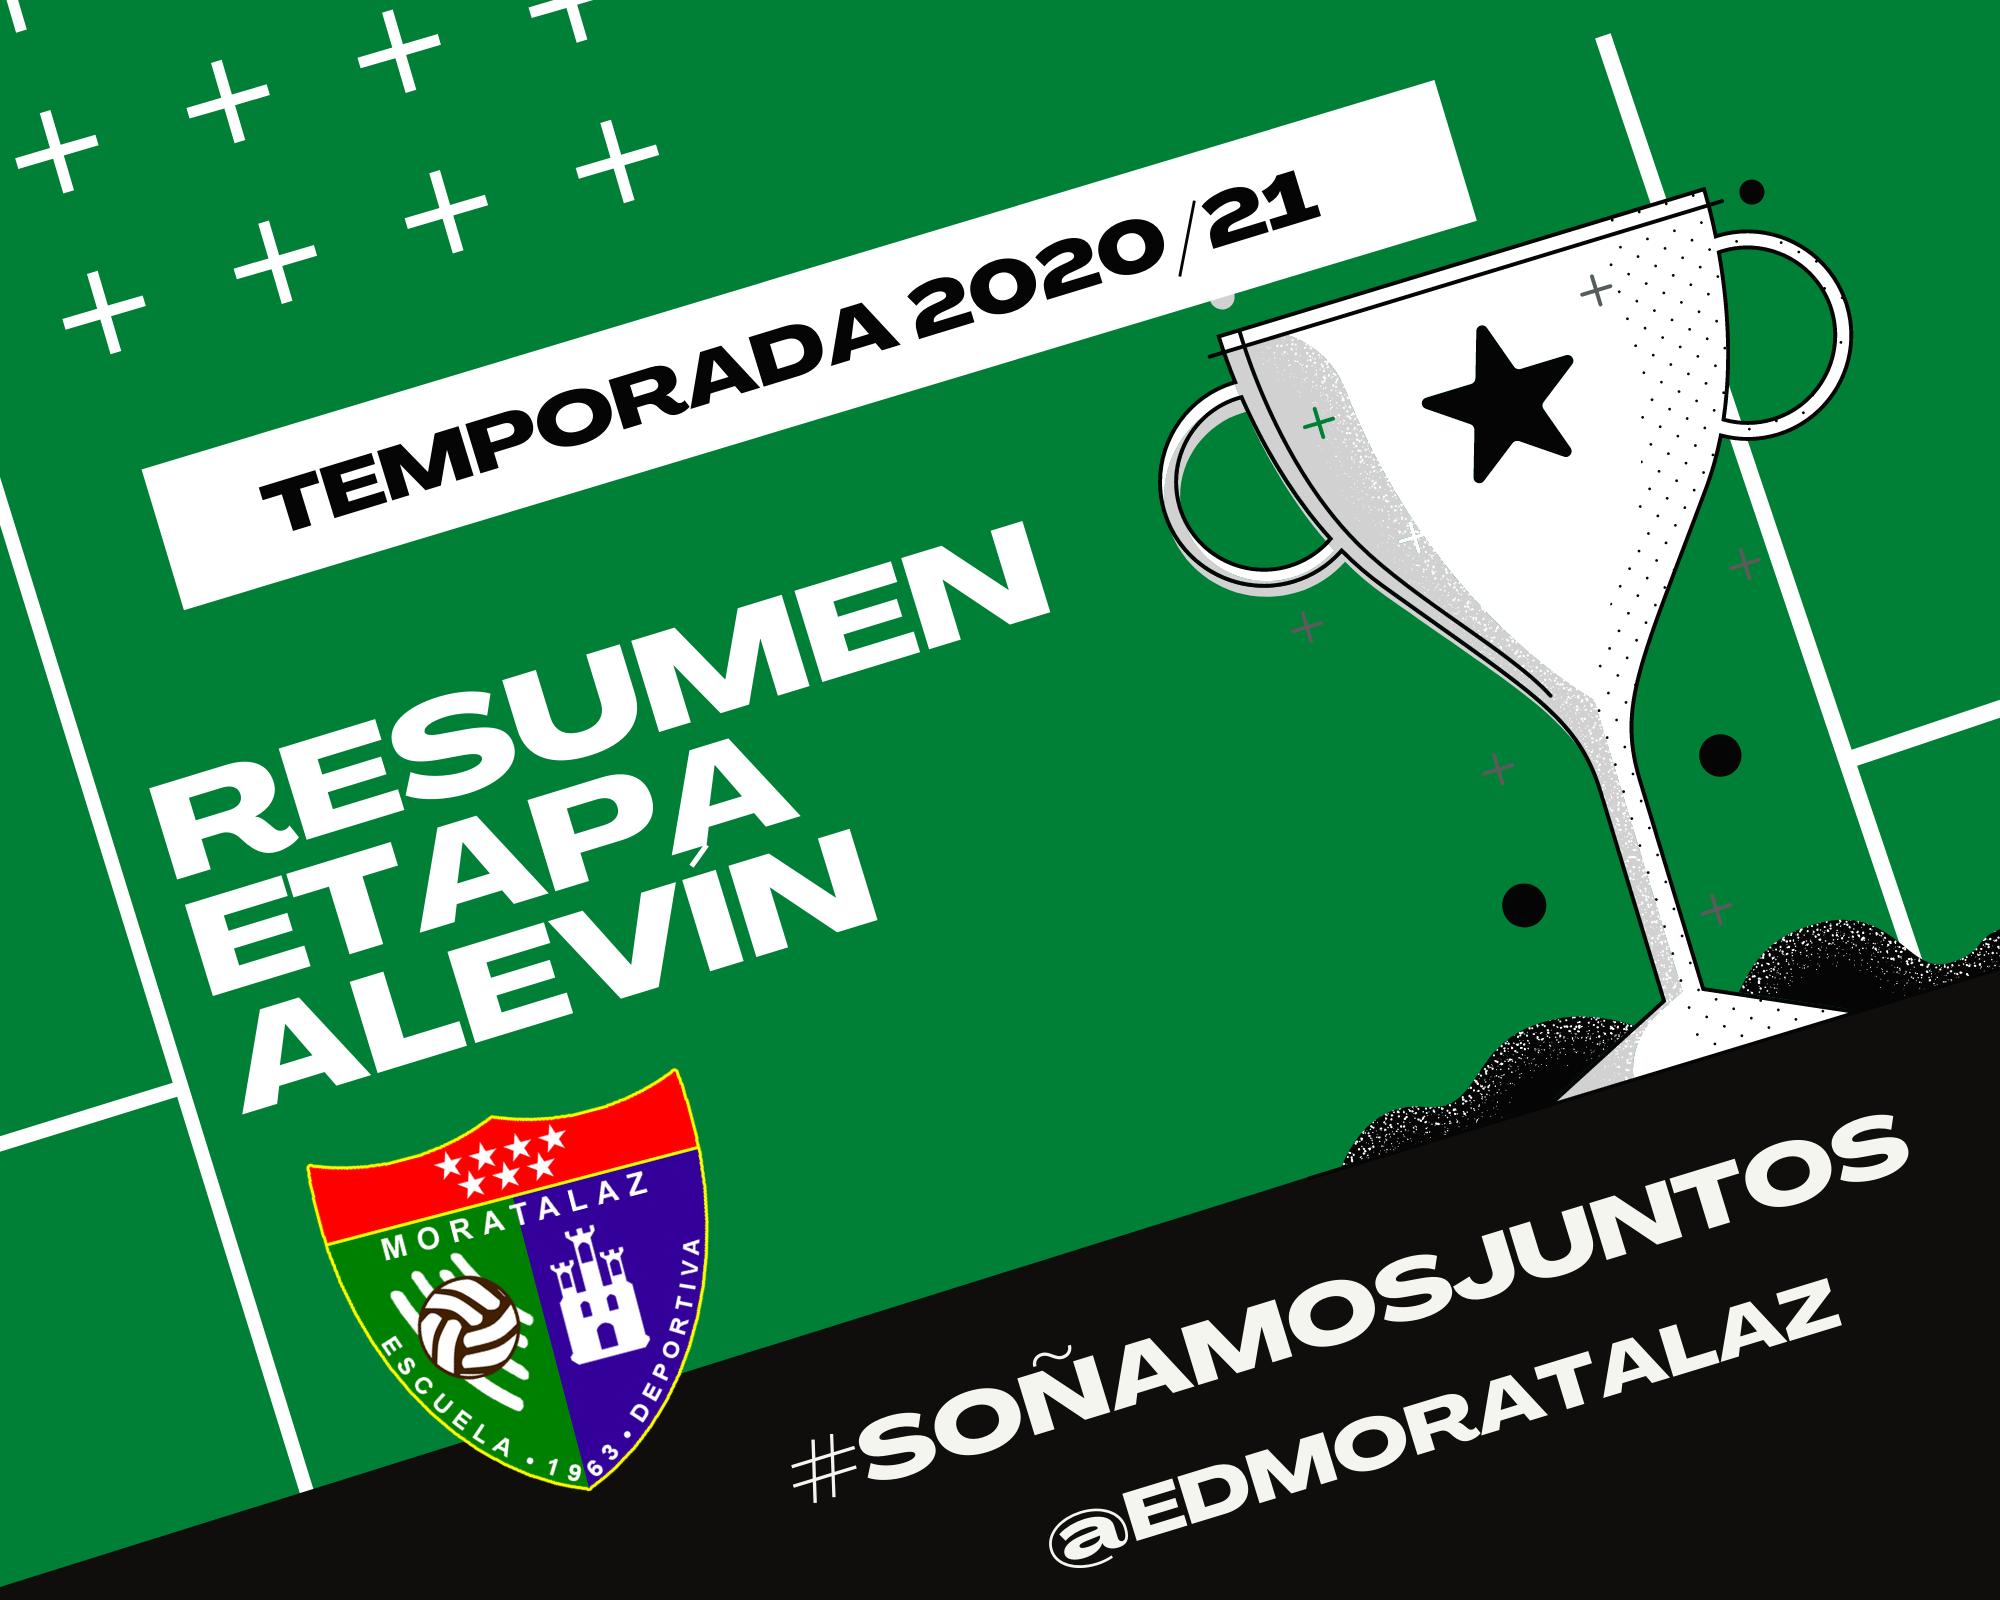 Temporada 2020/21 – Resumen de la Etapa Alevín